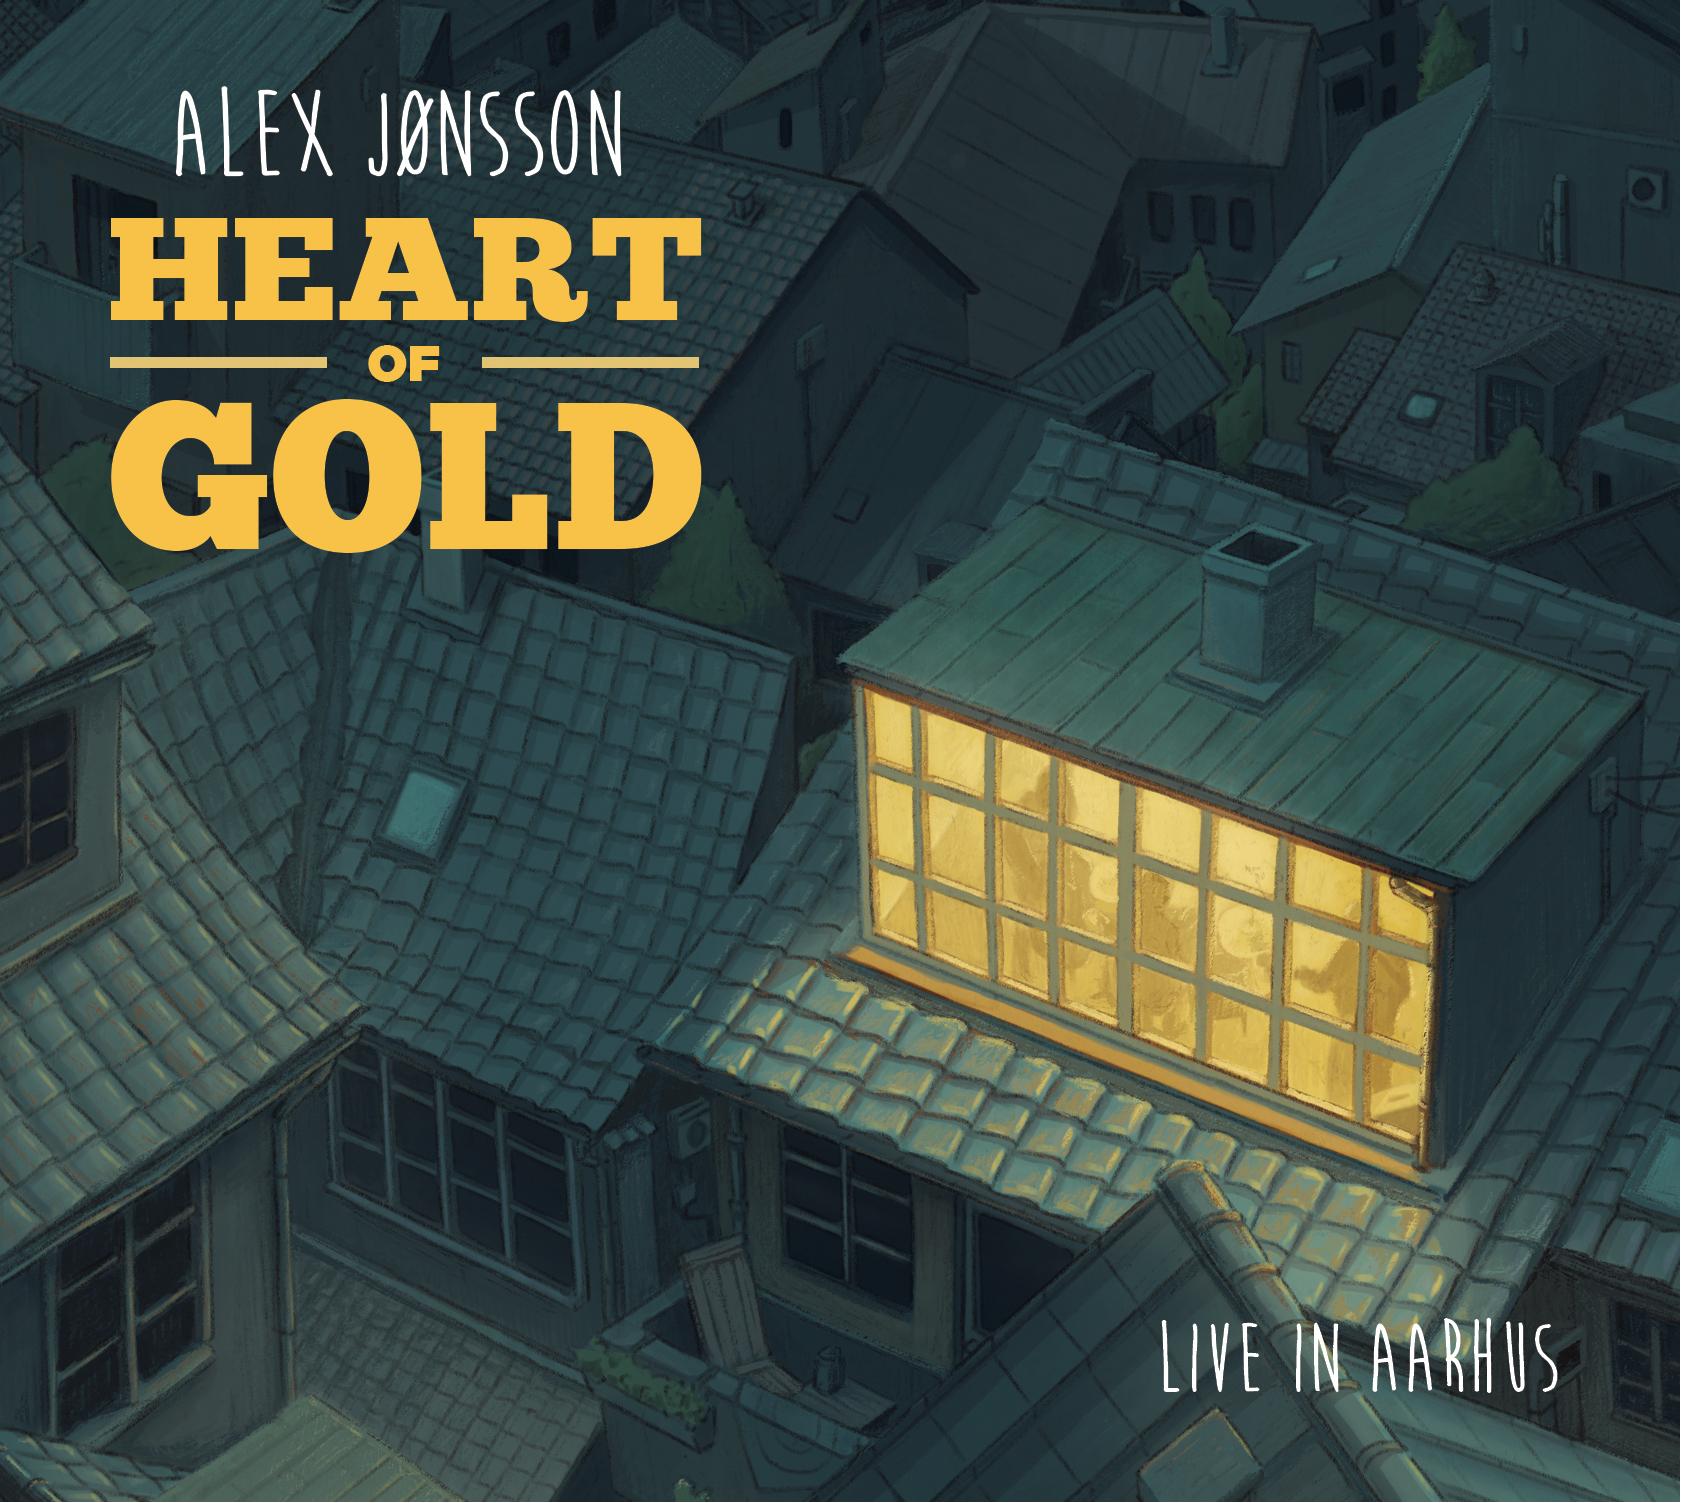 Alex Jønsson: Heart of Gold